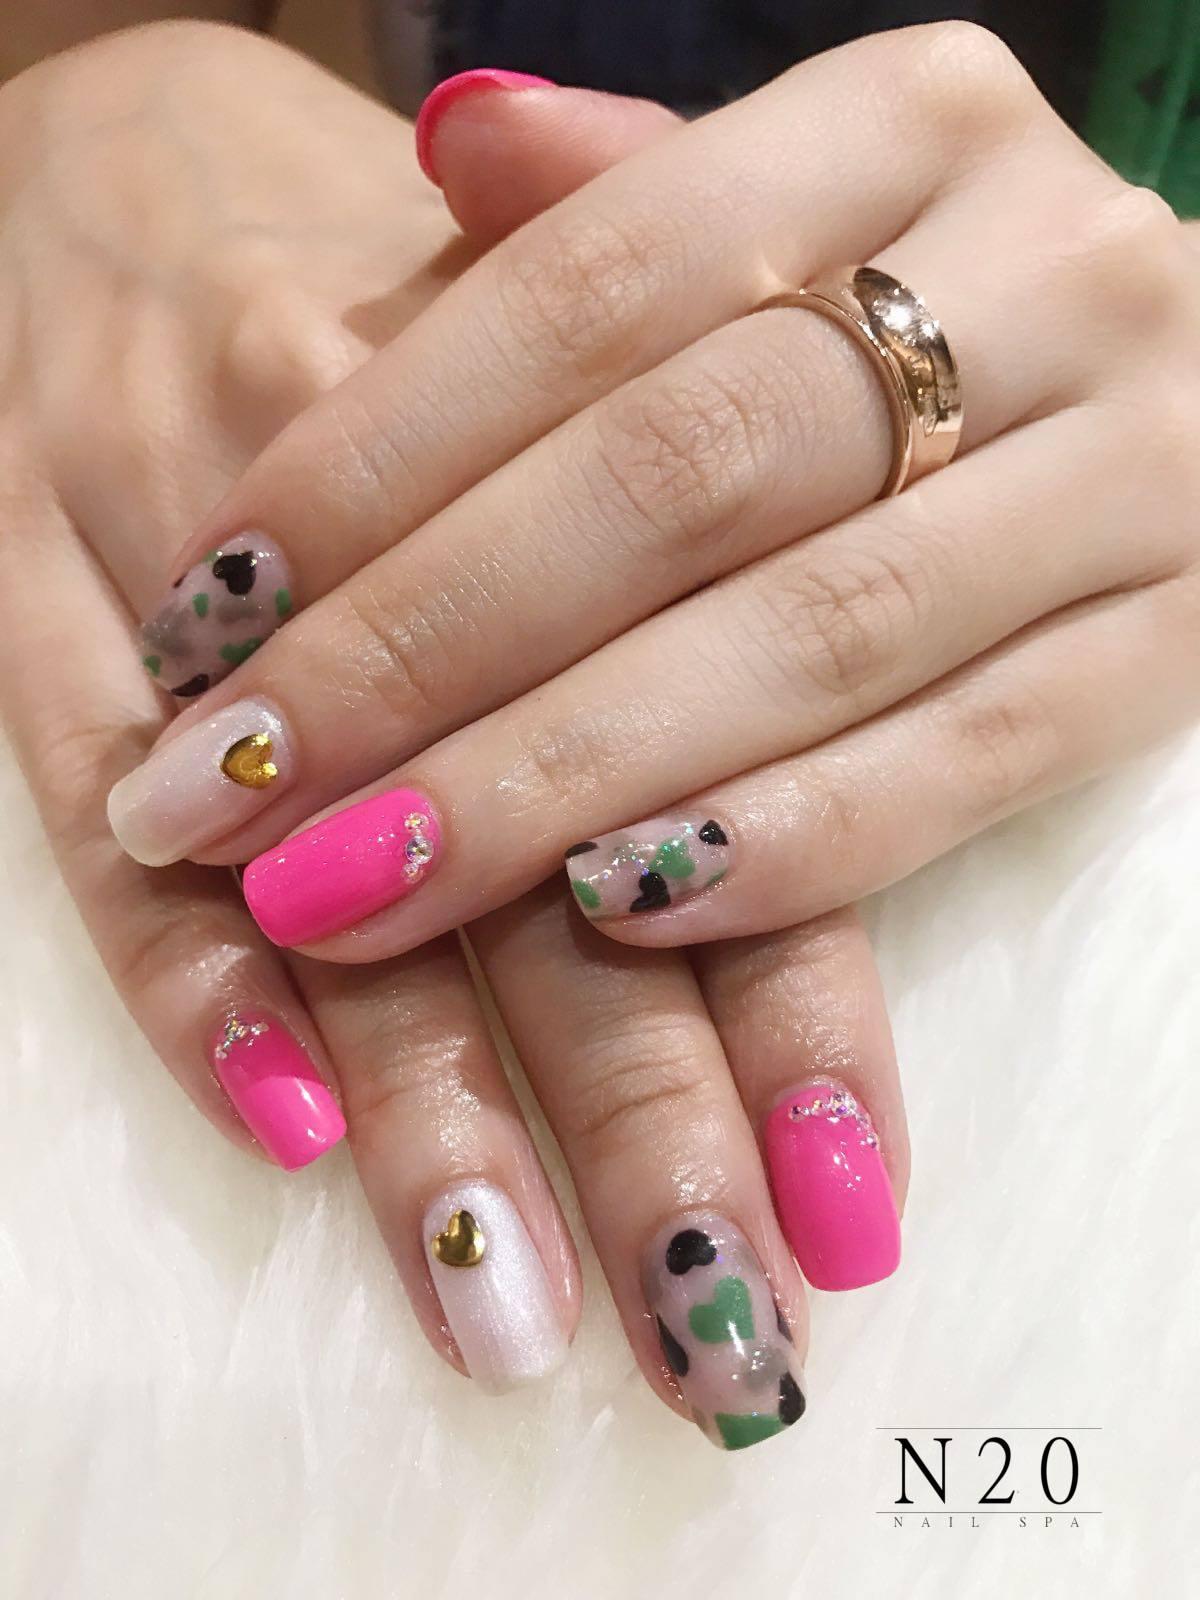 pink natural manicure nail art - N20 Nail Spa